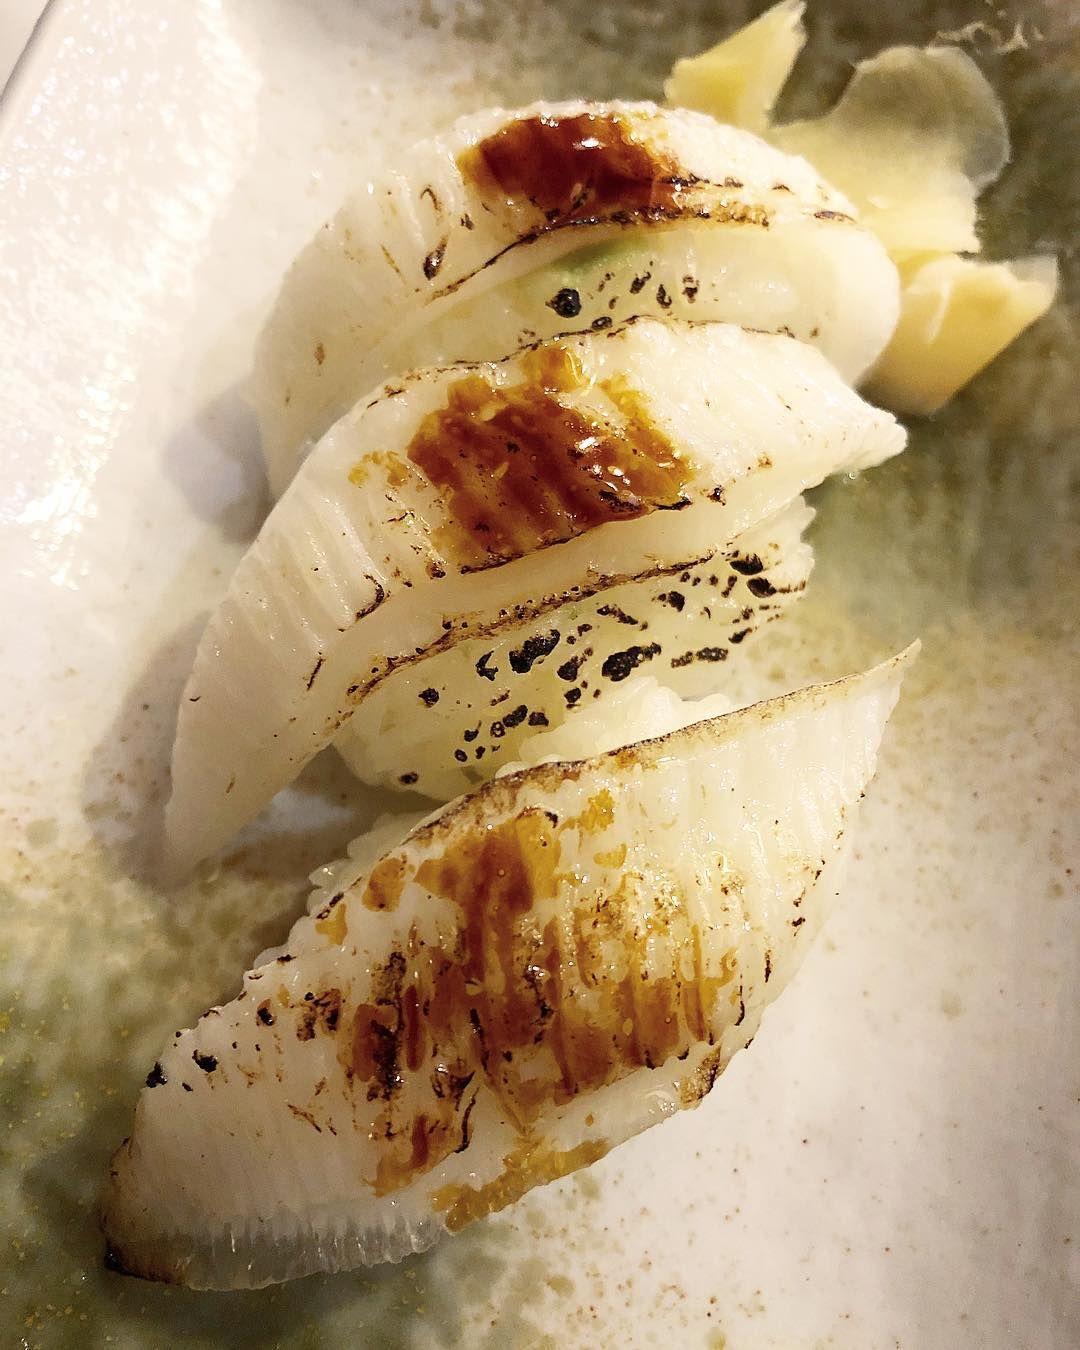 每次吃壽司你最喜歡吃什麼口味? 如果不考慮價格高低的話,我最喜歡吃的還是炙燒比目魚鰭邊,因為我實在 ...